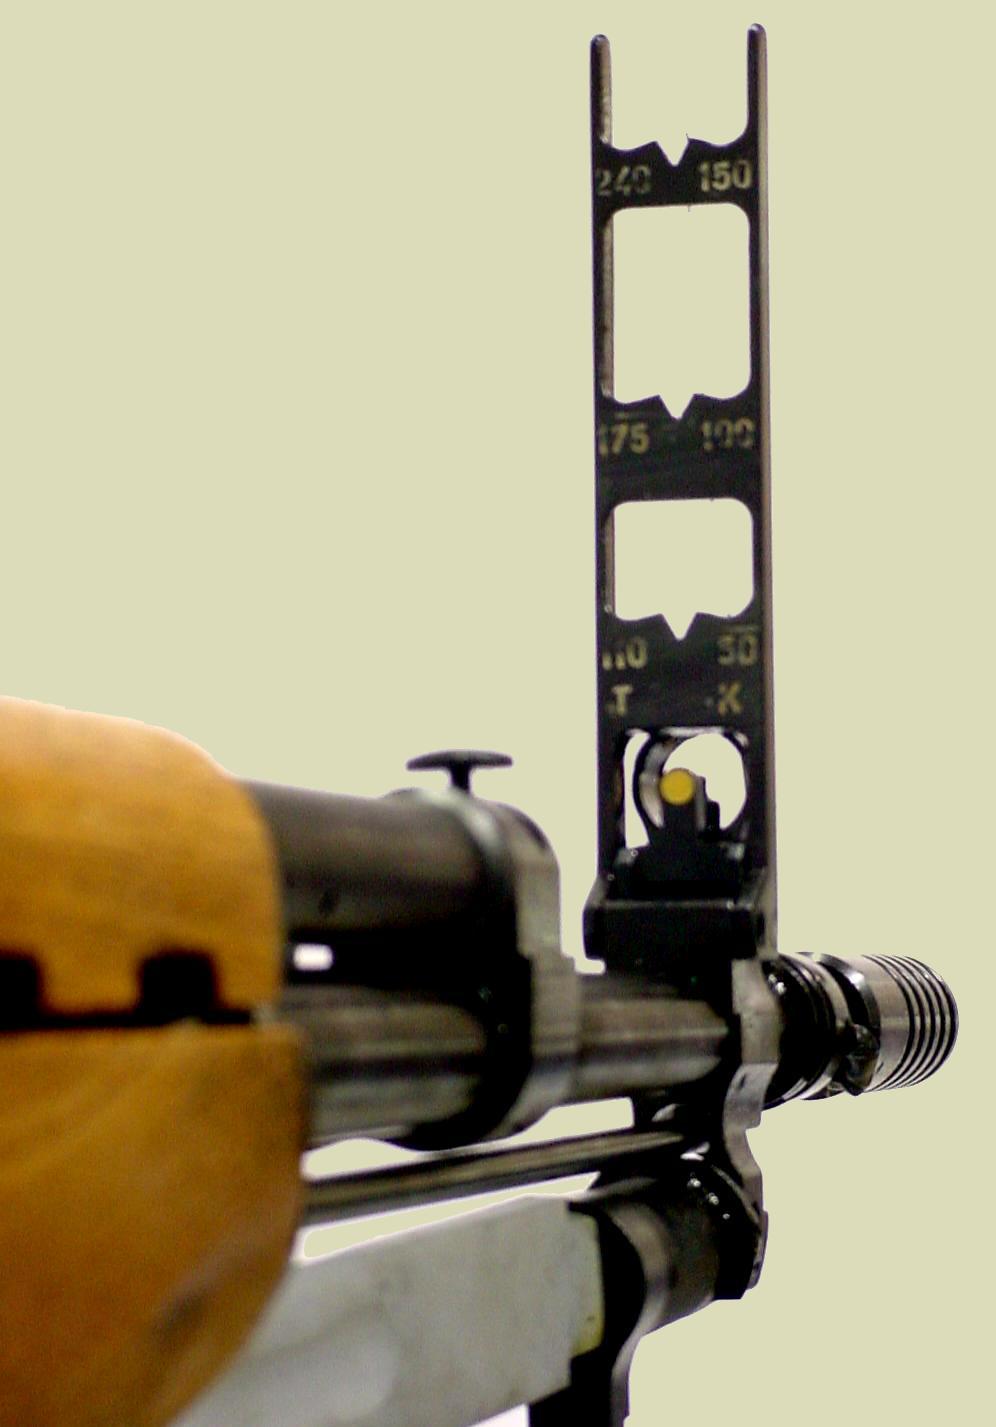 SKS Grenade Launcher